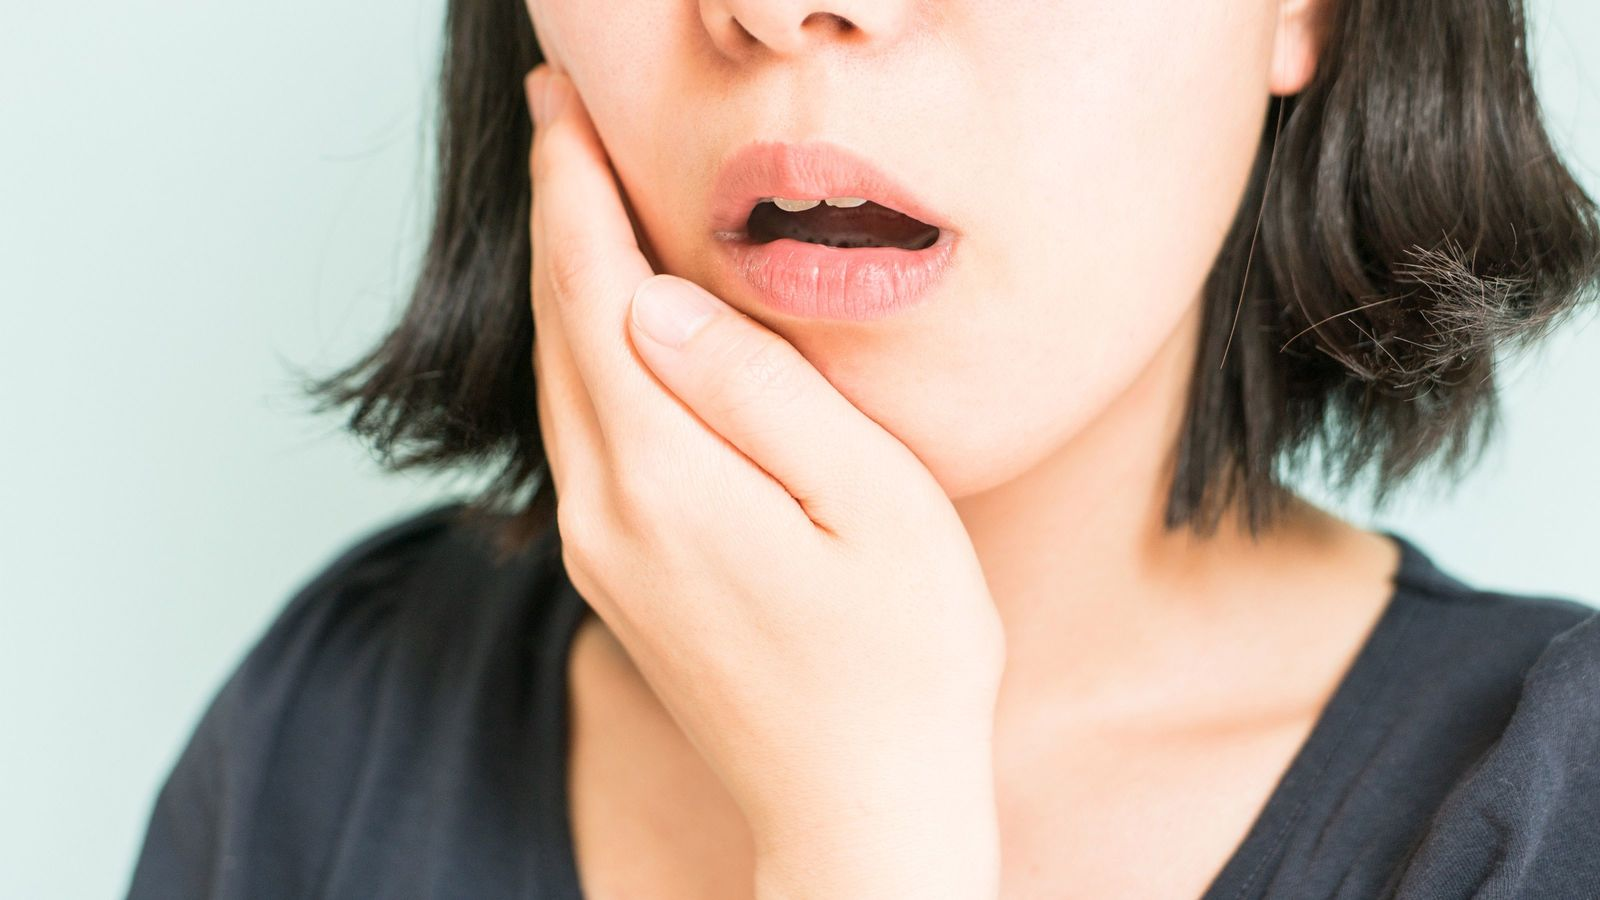 """日本人の8割が罹患済み""""歯周病""""の重大リスク 自覚症状のない""""サイレントキラー"""""""